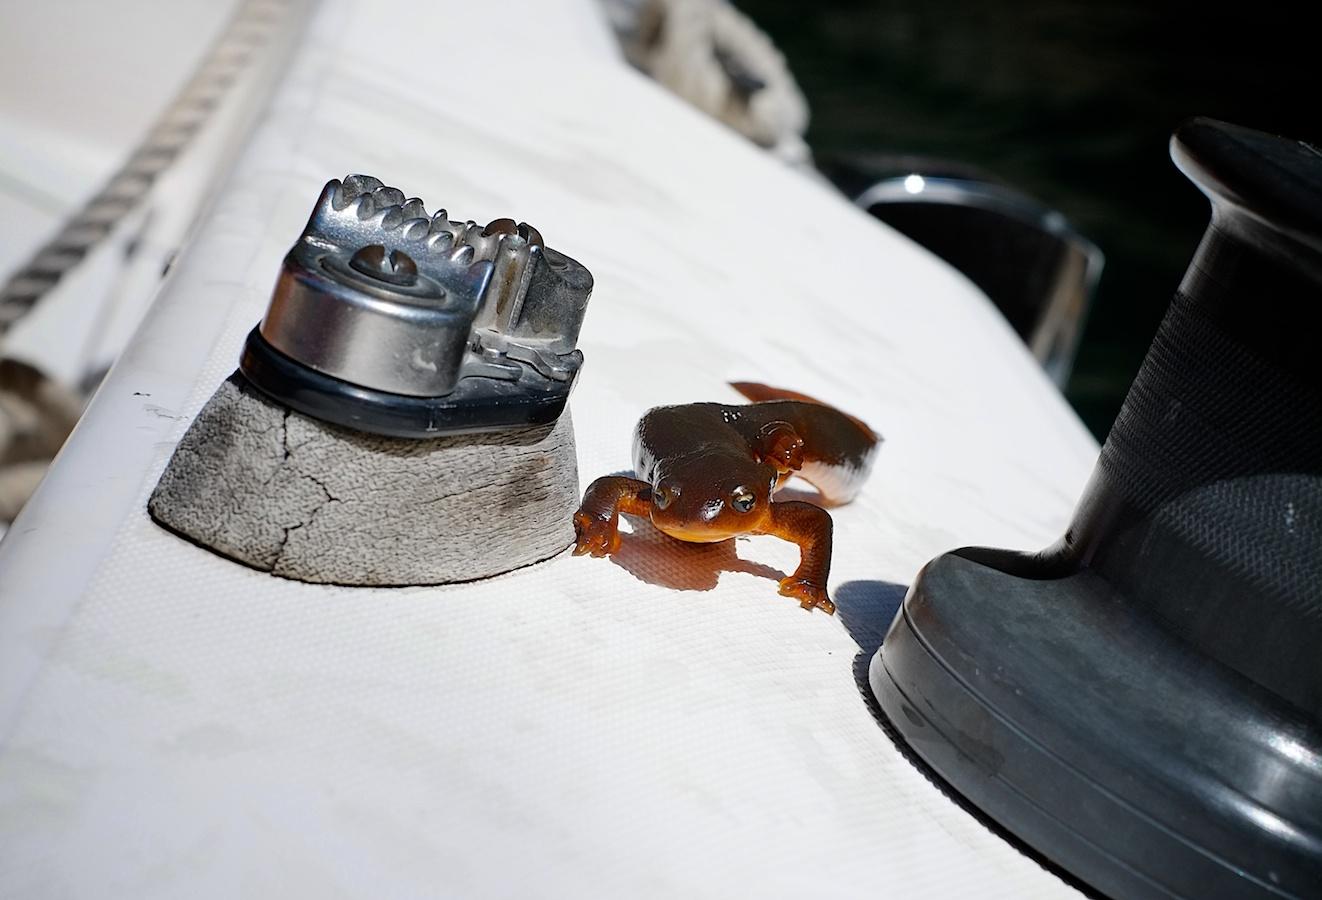 Salamander Parade. FujiFilm X-E1, 35mm f/1.4.